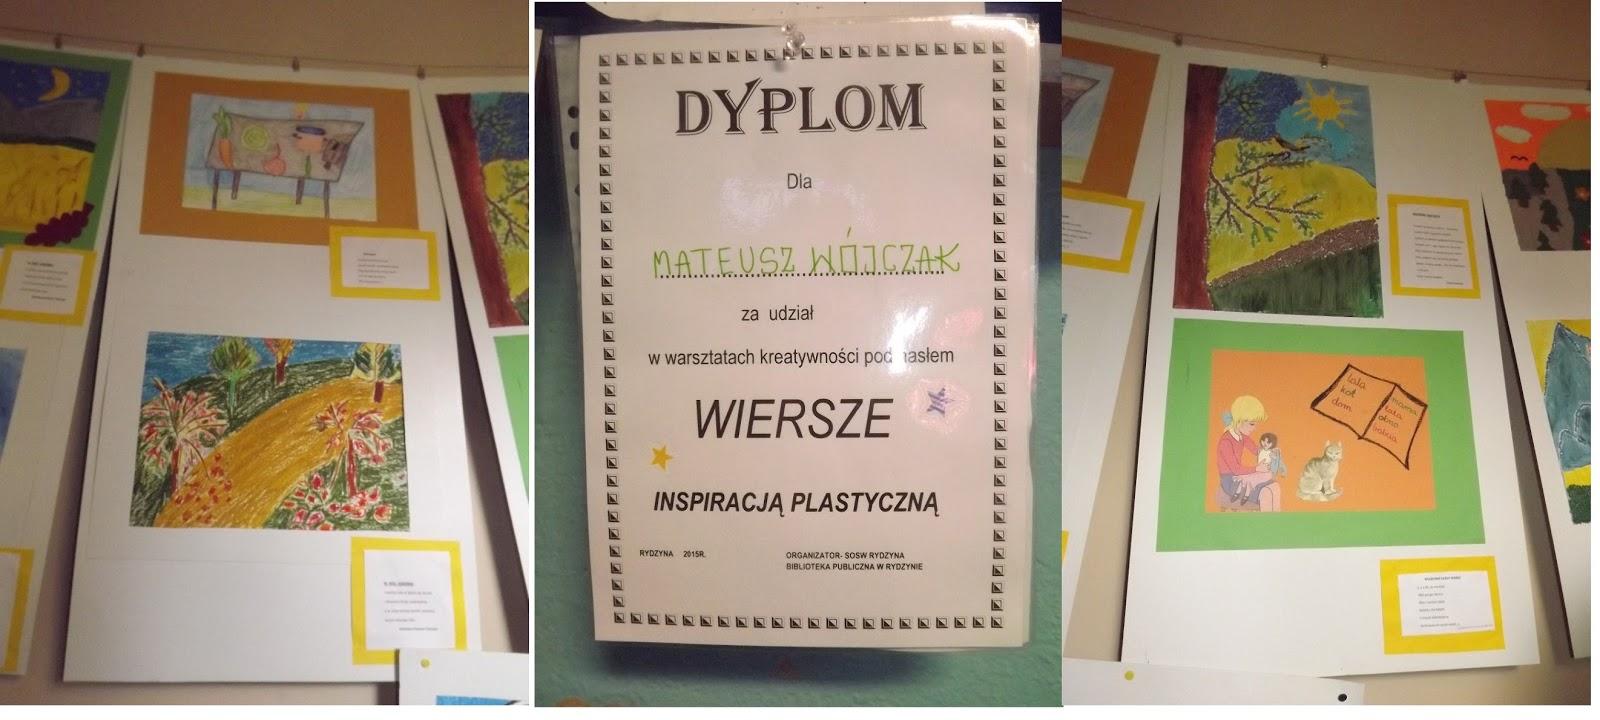 Rok Biblioteka W Rydzynie Wiersz Inspiracją Plastyczną